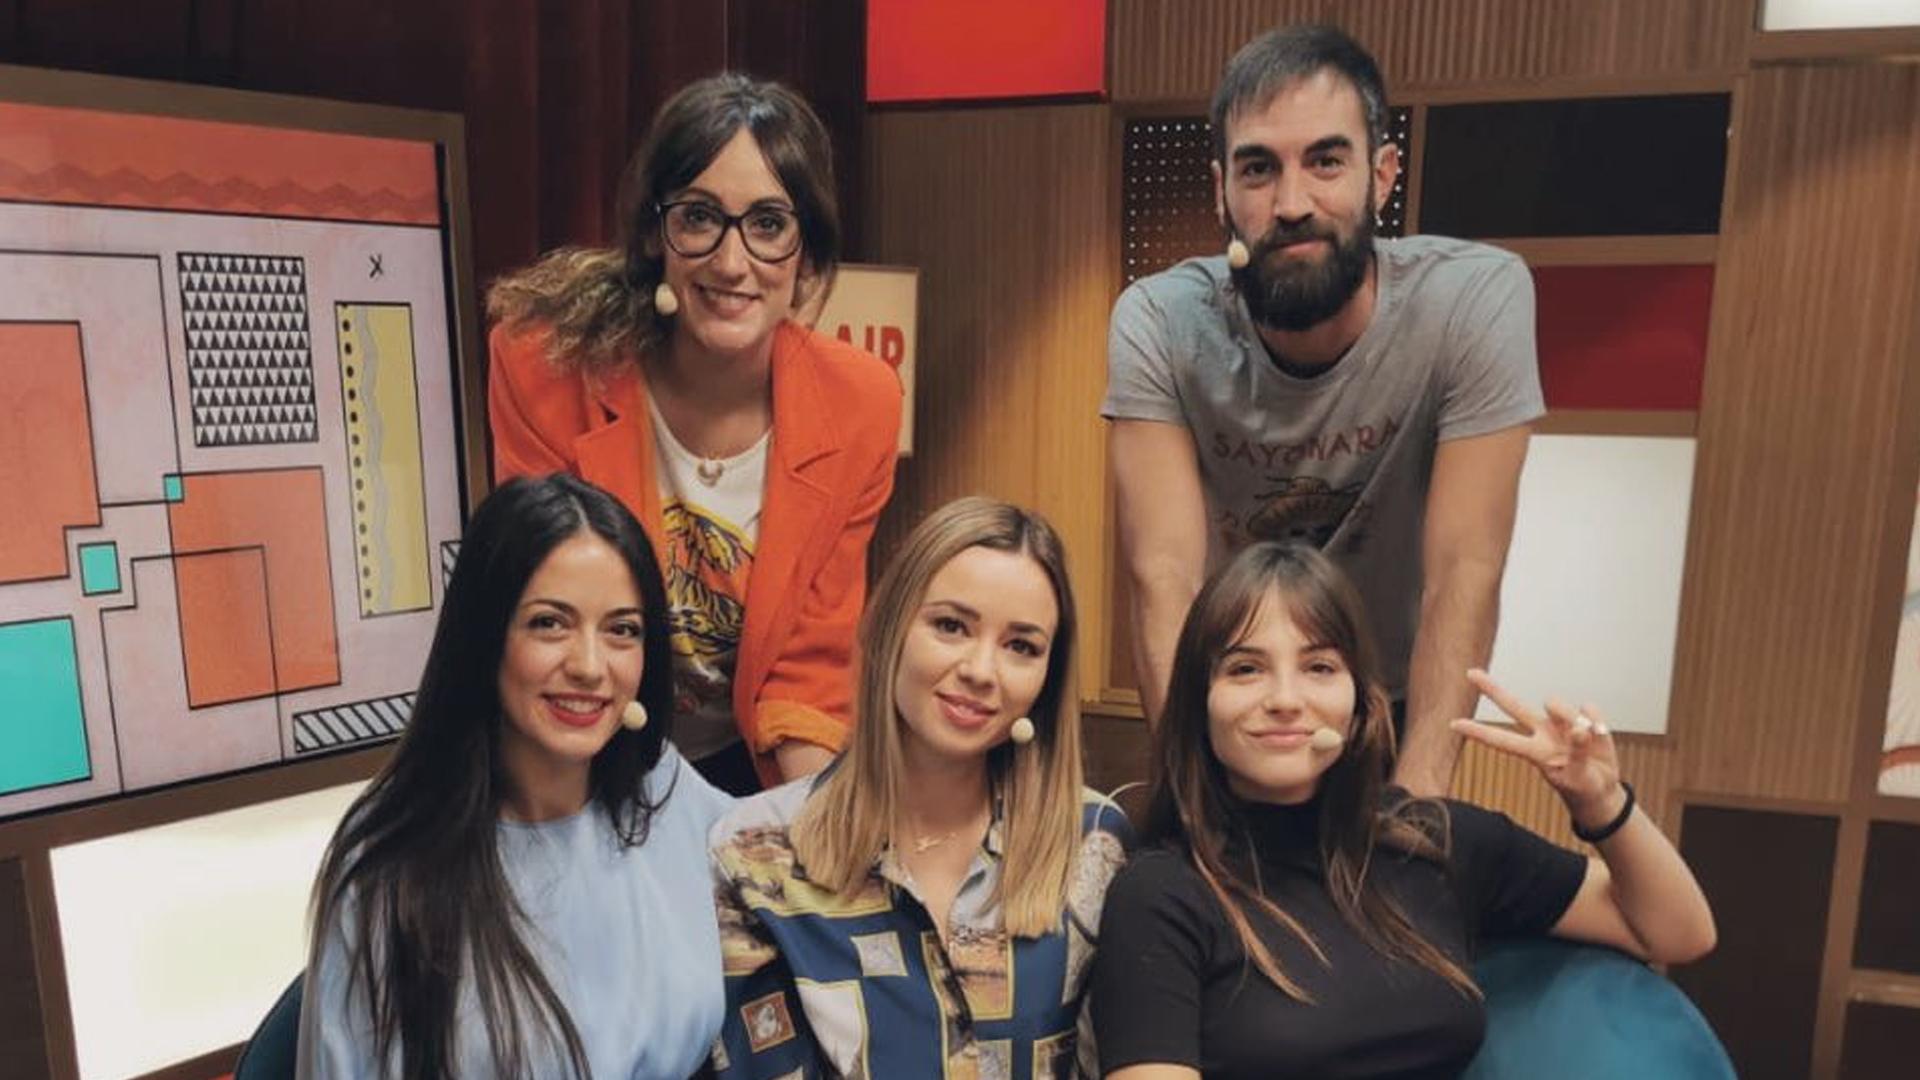 2019 (03-10-2019) Andrea Duro, Dafne Fernández y Verónica Perona